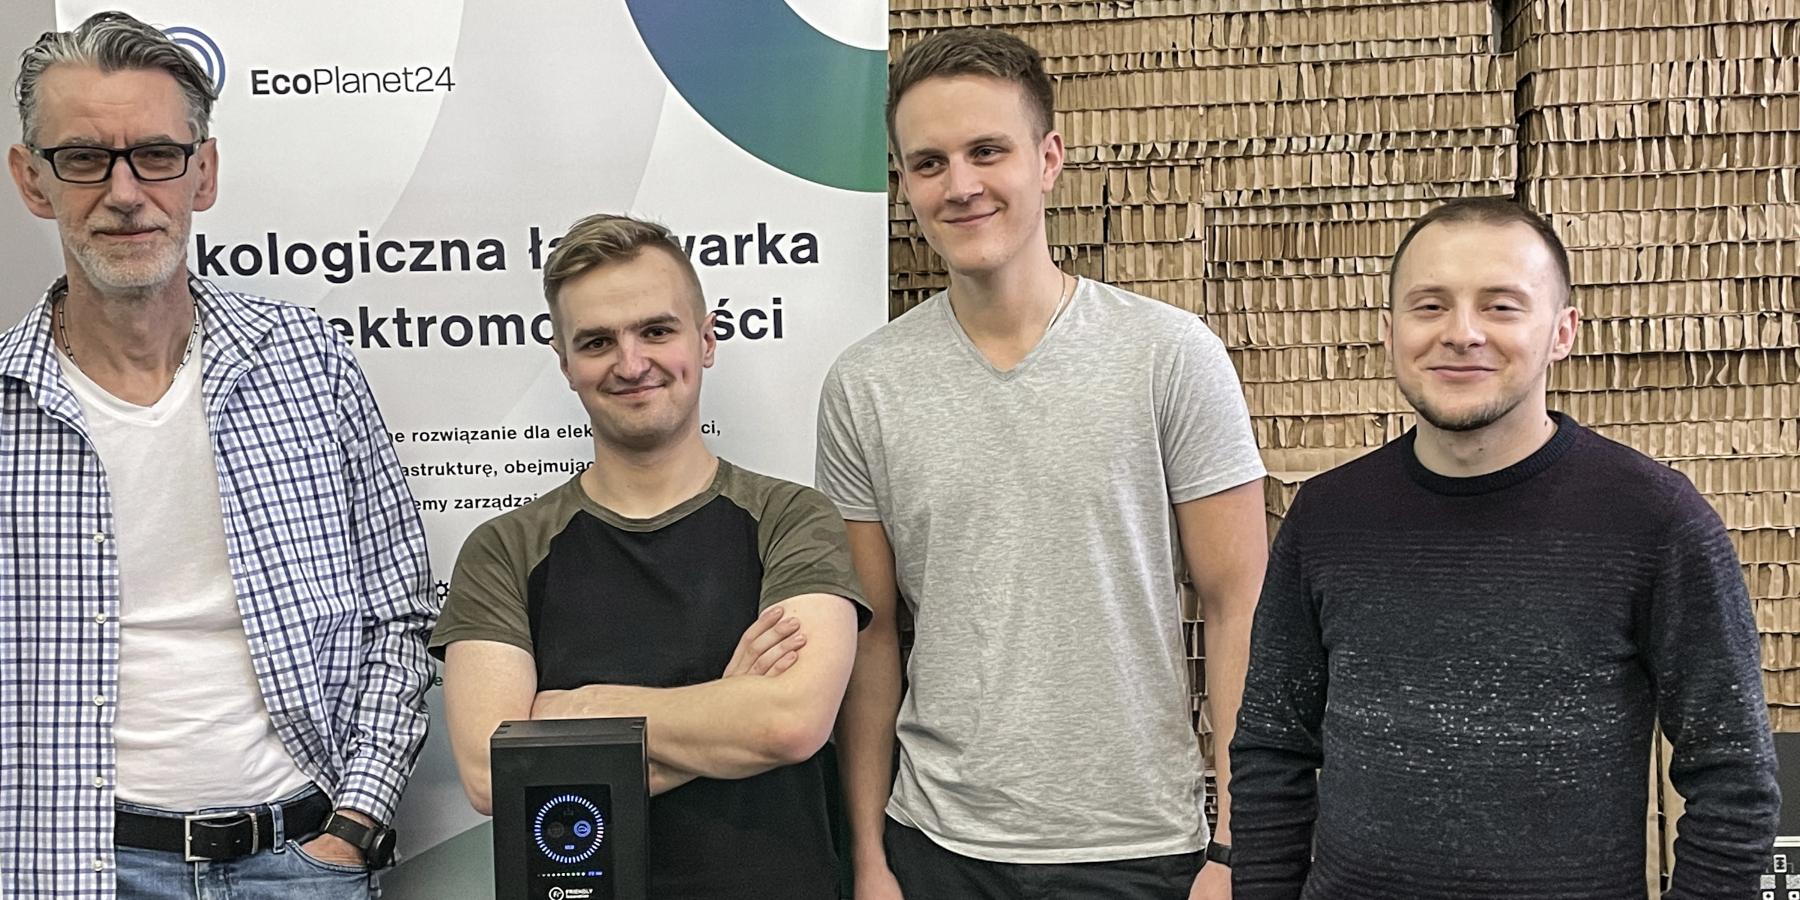 Inteligentne stacje ładowania samochodów elektrycznych stworzone przezpolski startup. Doobsługi wystarczy smartfon